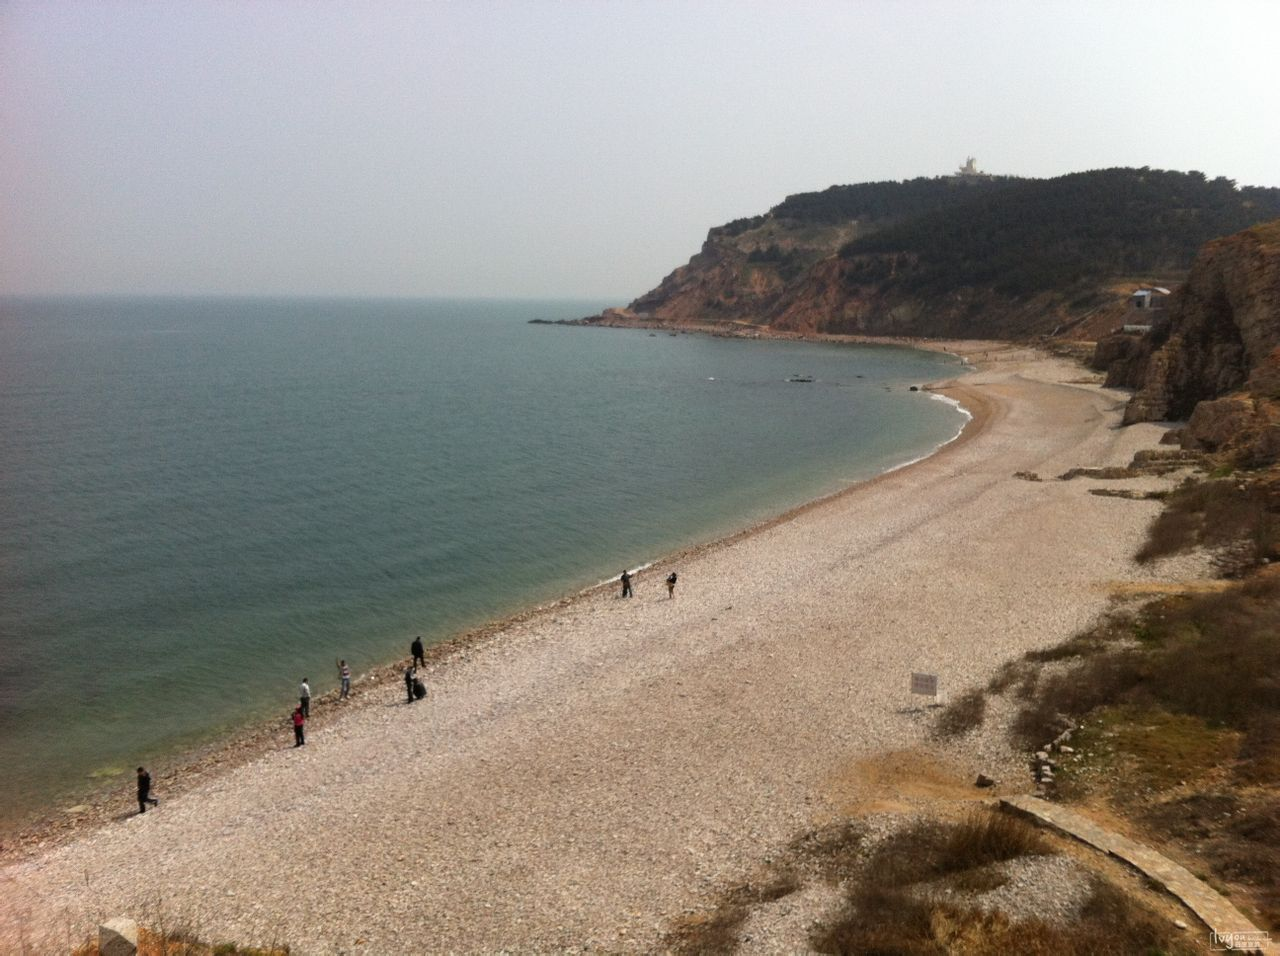 大连游记 大连—烟台—蓬莱5日游(完结)  长岛就是一个渤海的小岛,让